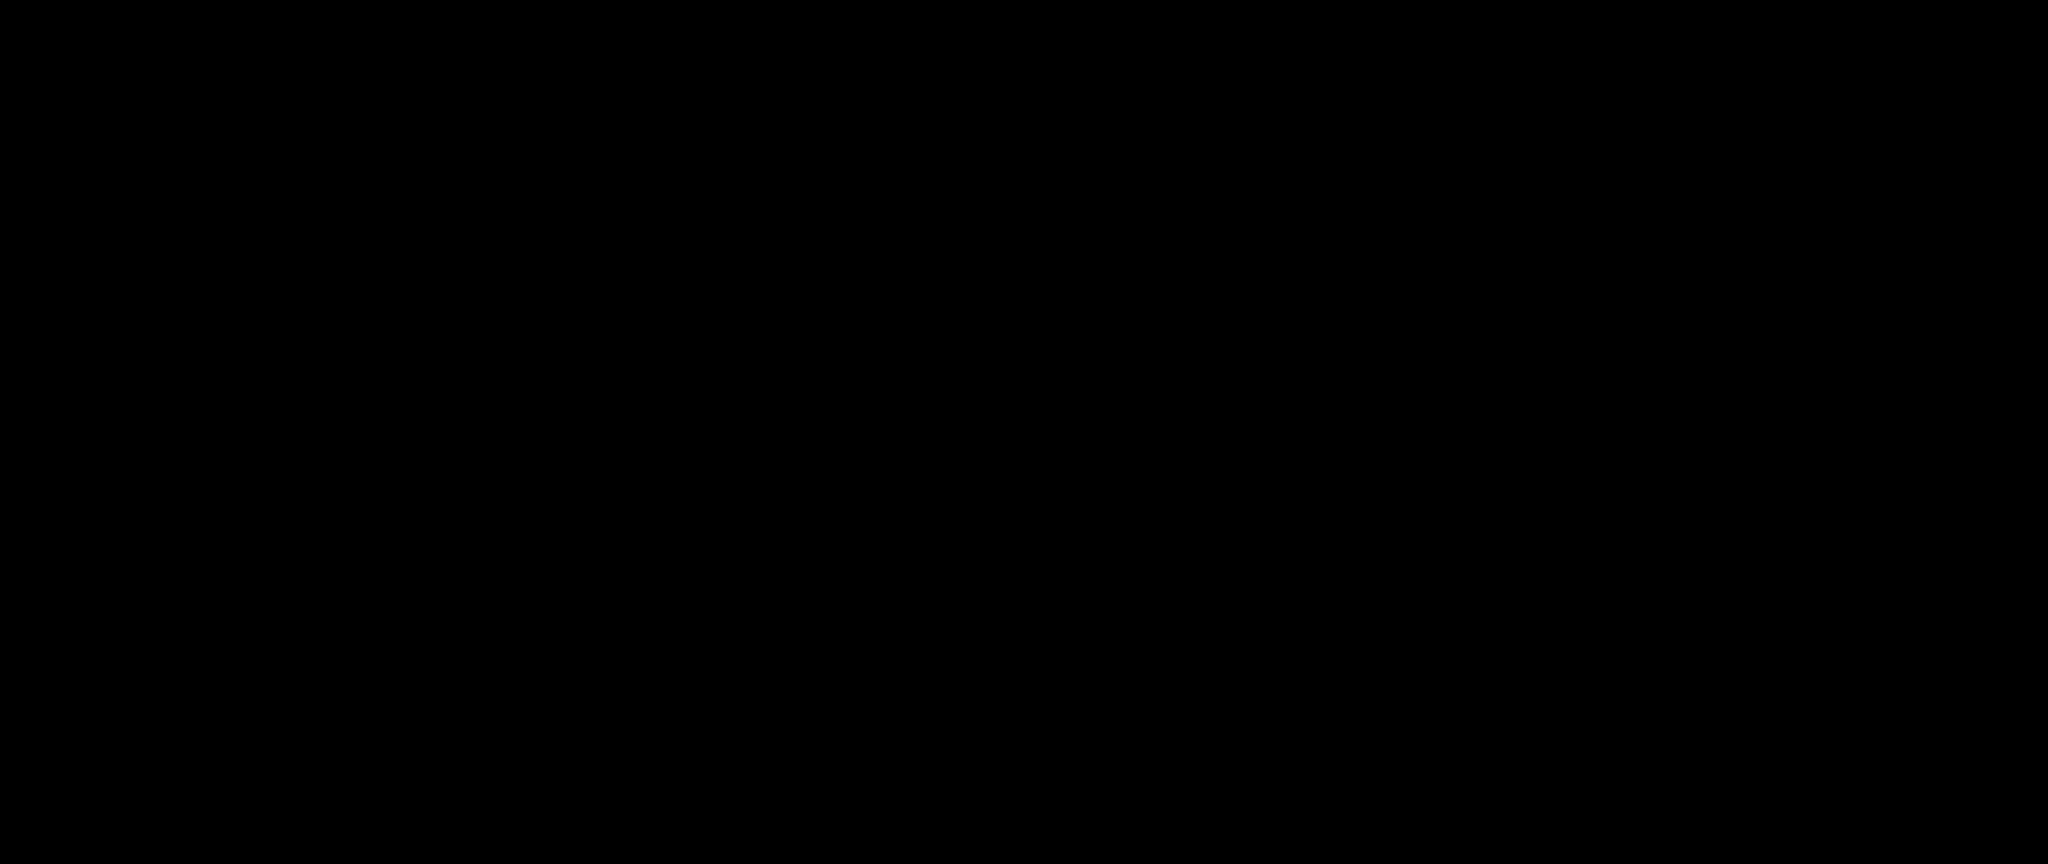 MOONHOLI